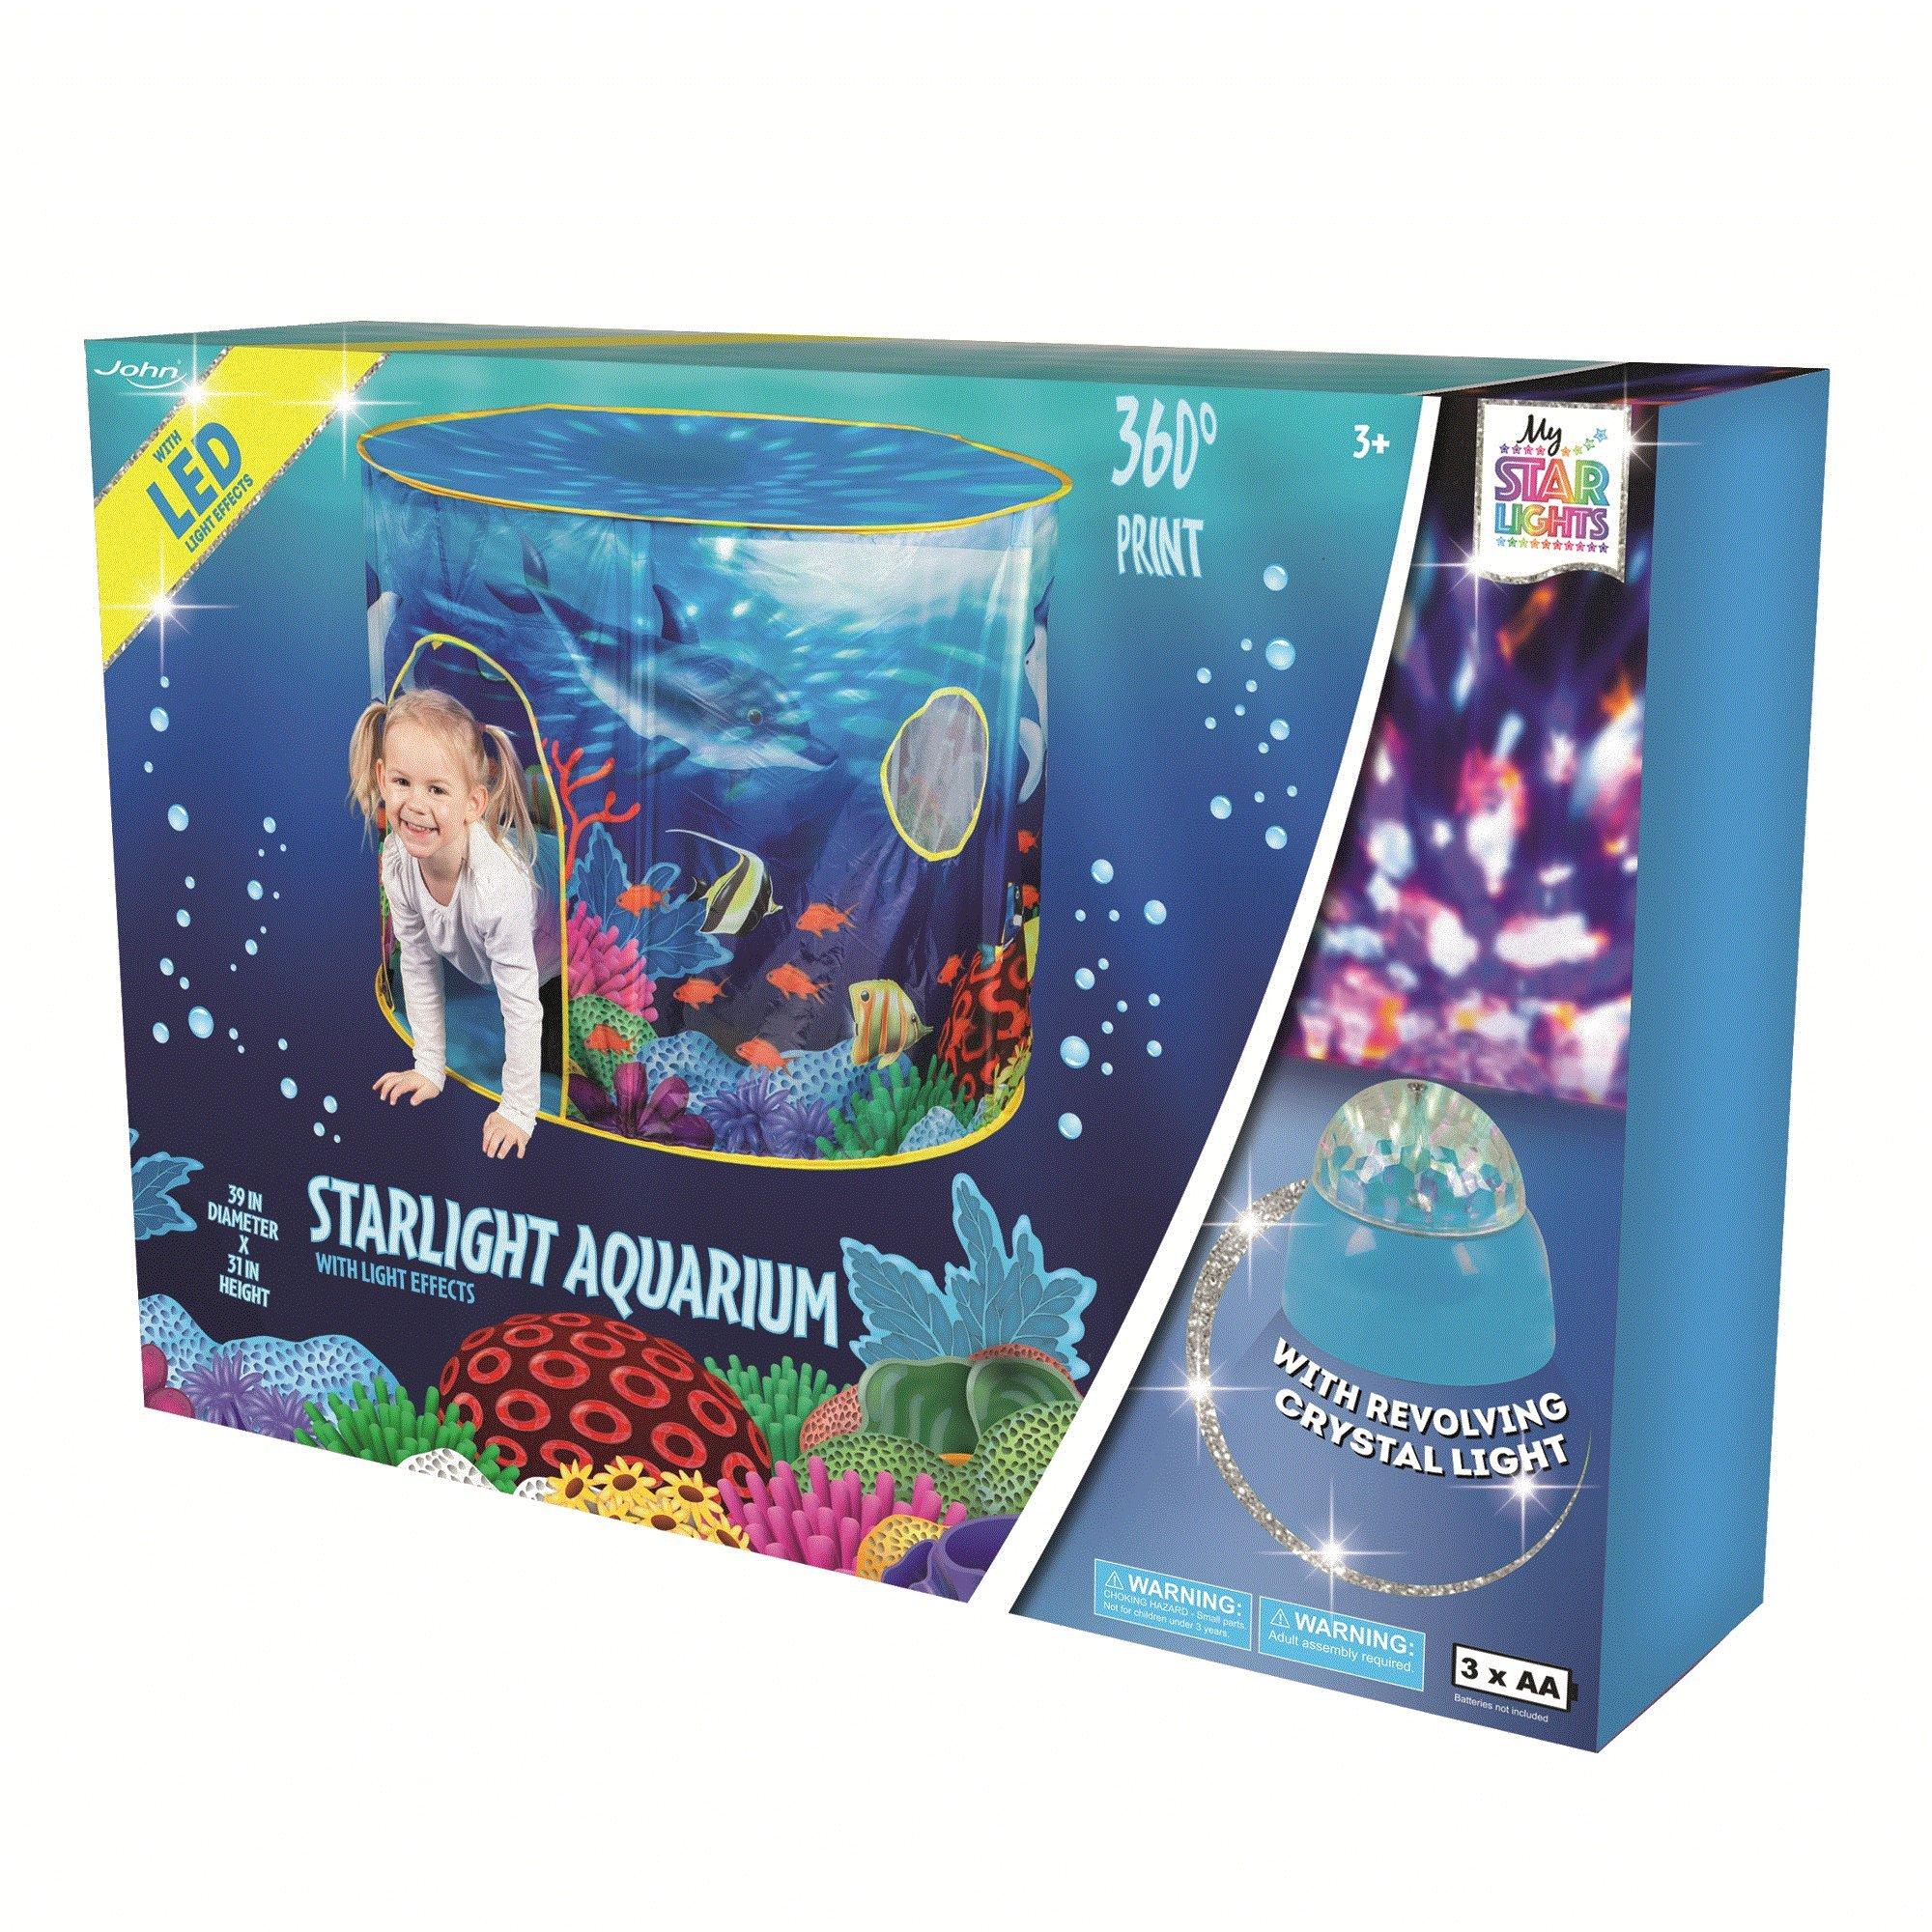 John Popup Indoor/Outdoor Play Tent for Kids (Aquarium Theme)